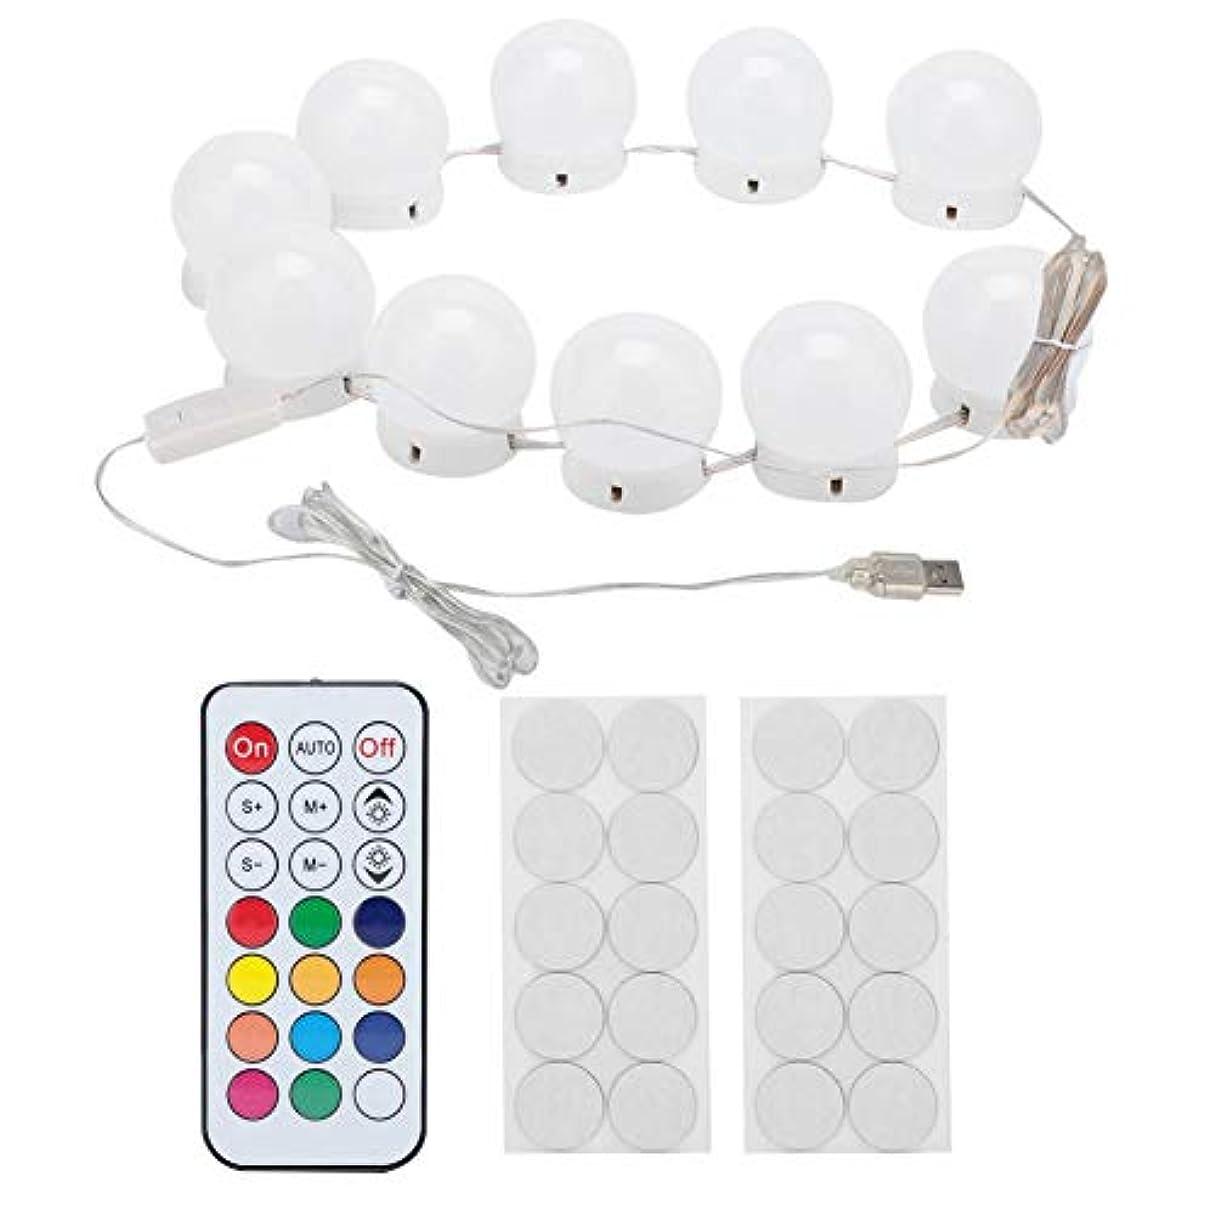 ストライク大いに夏化粧鏡ラ??イトキット 10 LED付き調 光ライトストリング電球バニティライト バスルーム 化粧鏡に最適